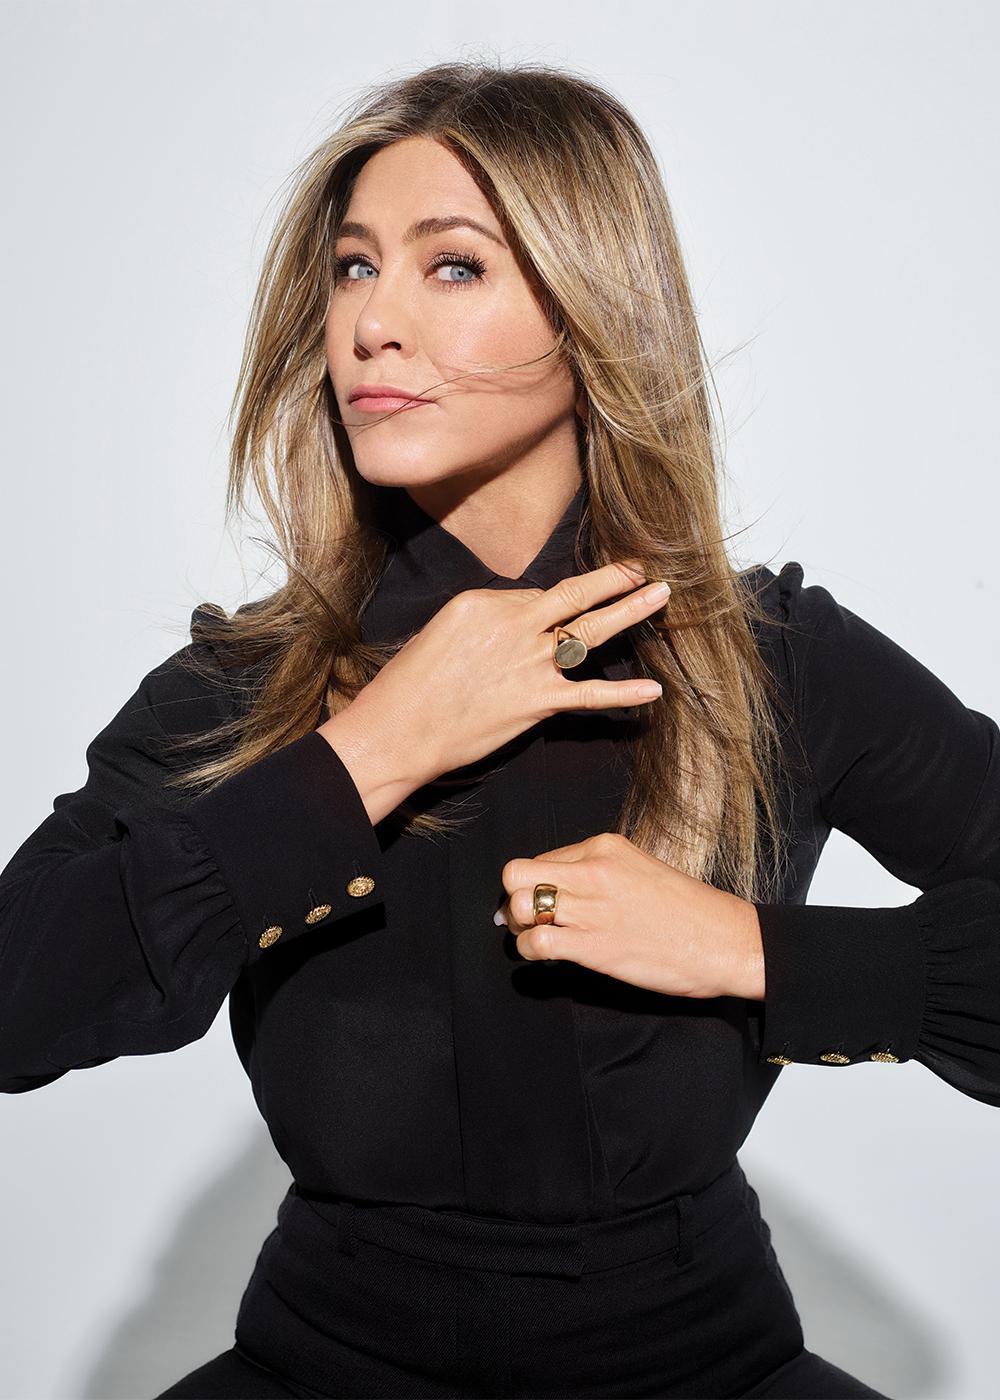 《福布斯》杂志公布过去10年全球收入最高女演员Top 10榜单